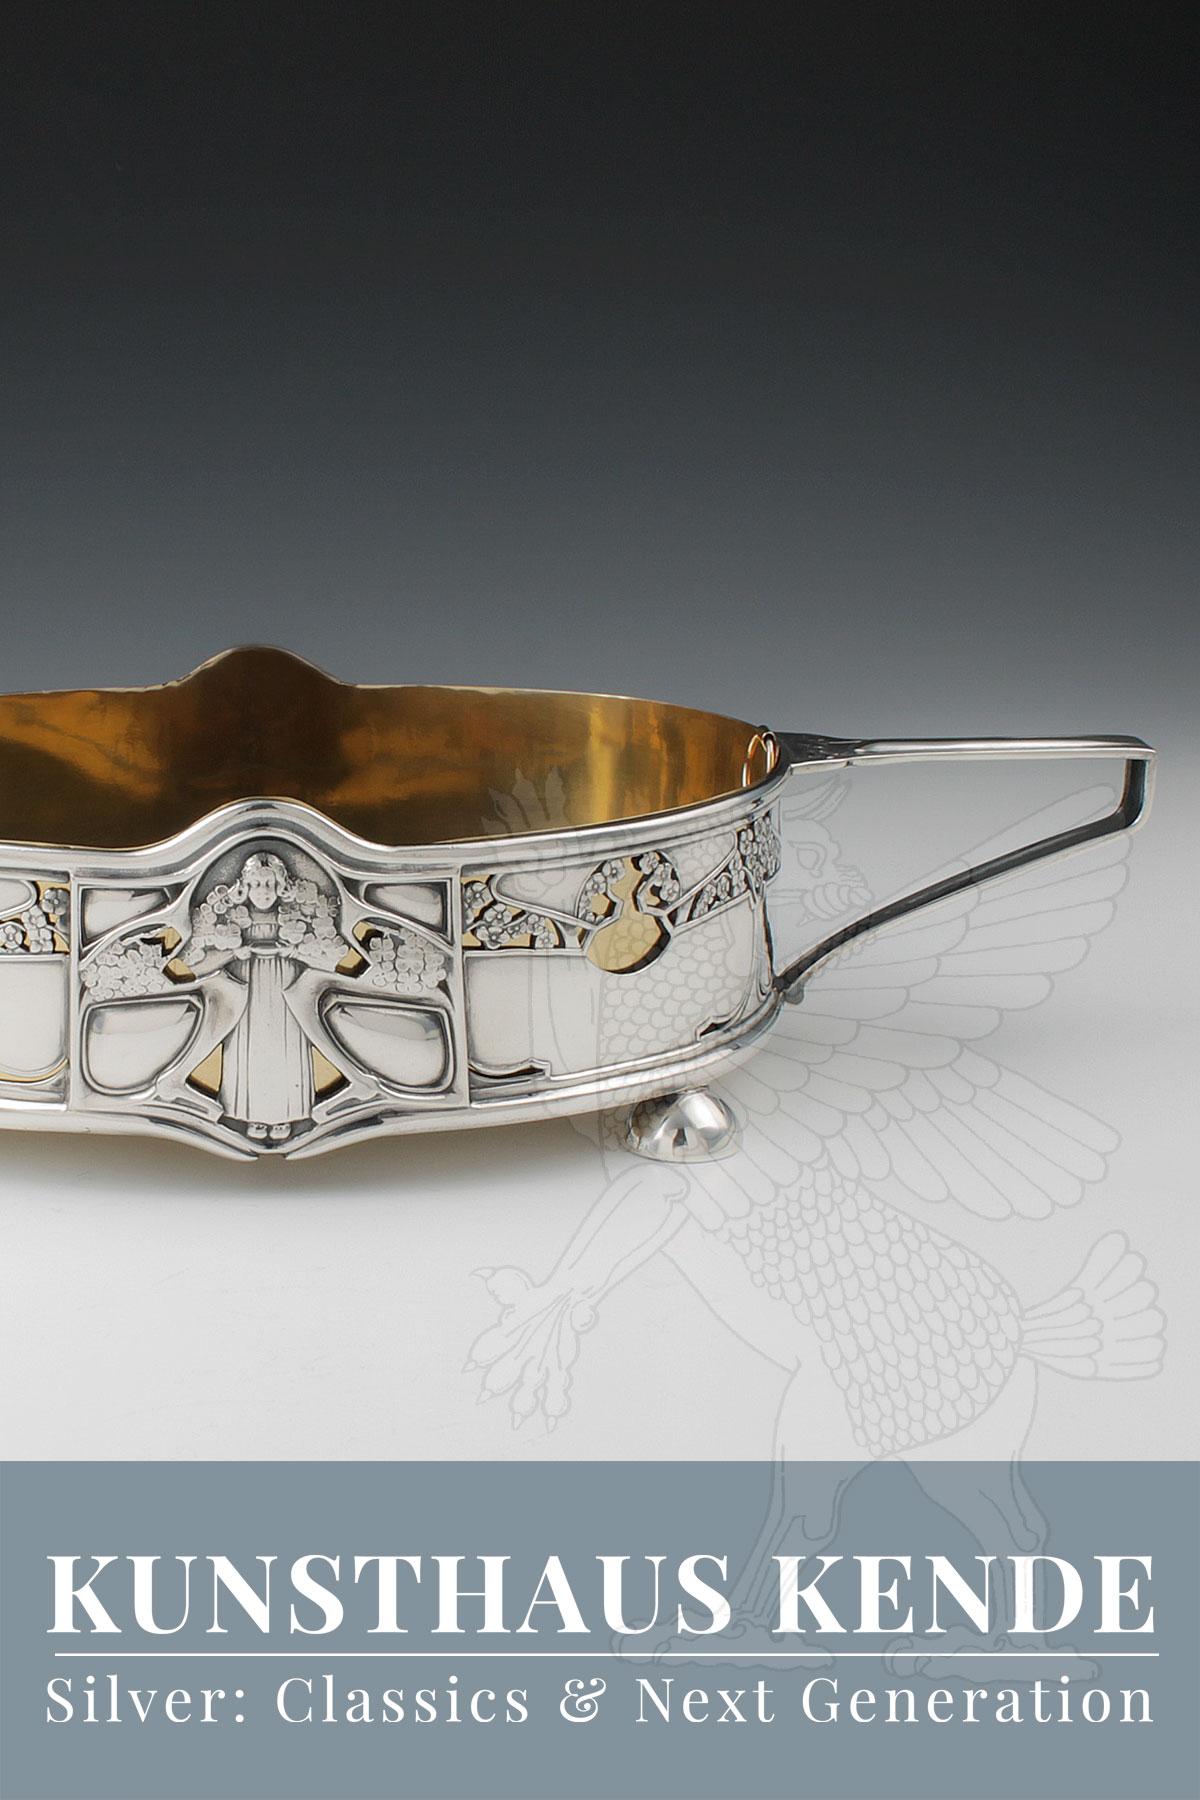 Jugendstil Sterling Silber Bruckmann Weltausstellung Paris 1900 Harris Art Nouveau